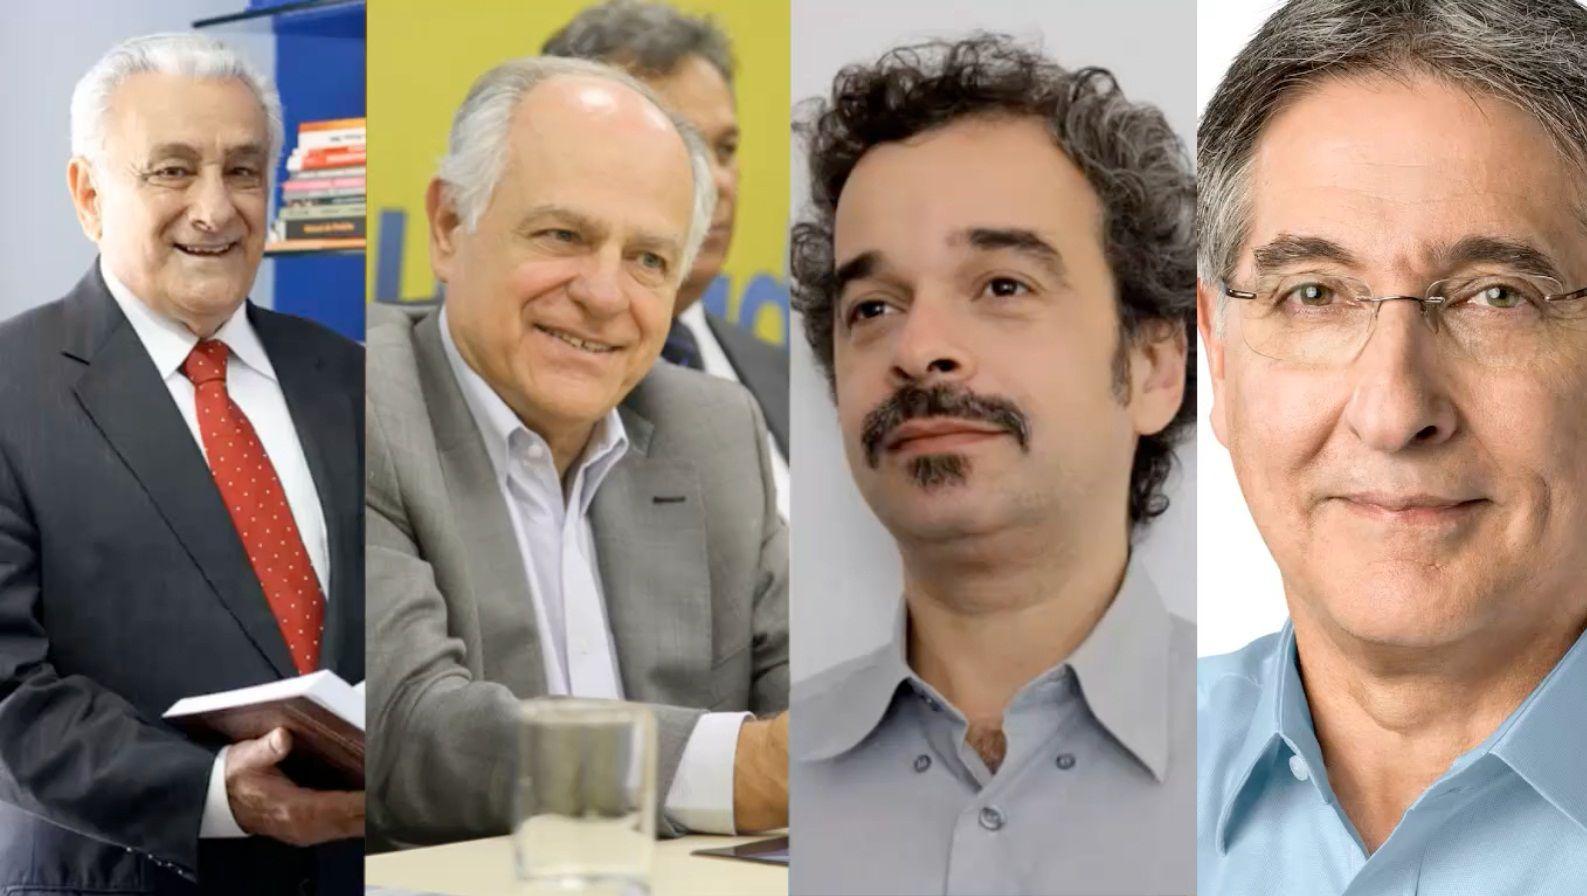 Tarcísio Delgado (PSB), Pimenta da Veiga (PSDB), Fidelis Alcântara (PSol) e Fernando Pimentel (PT) / Divulgação